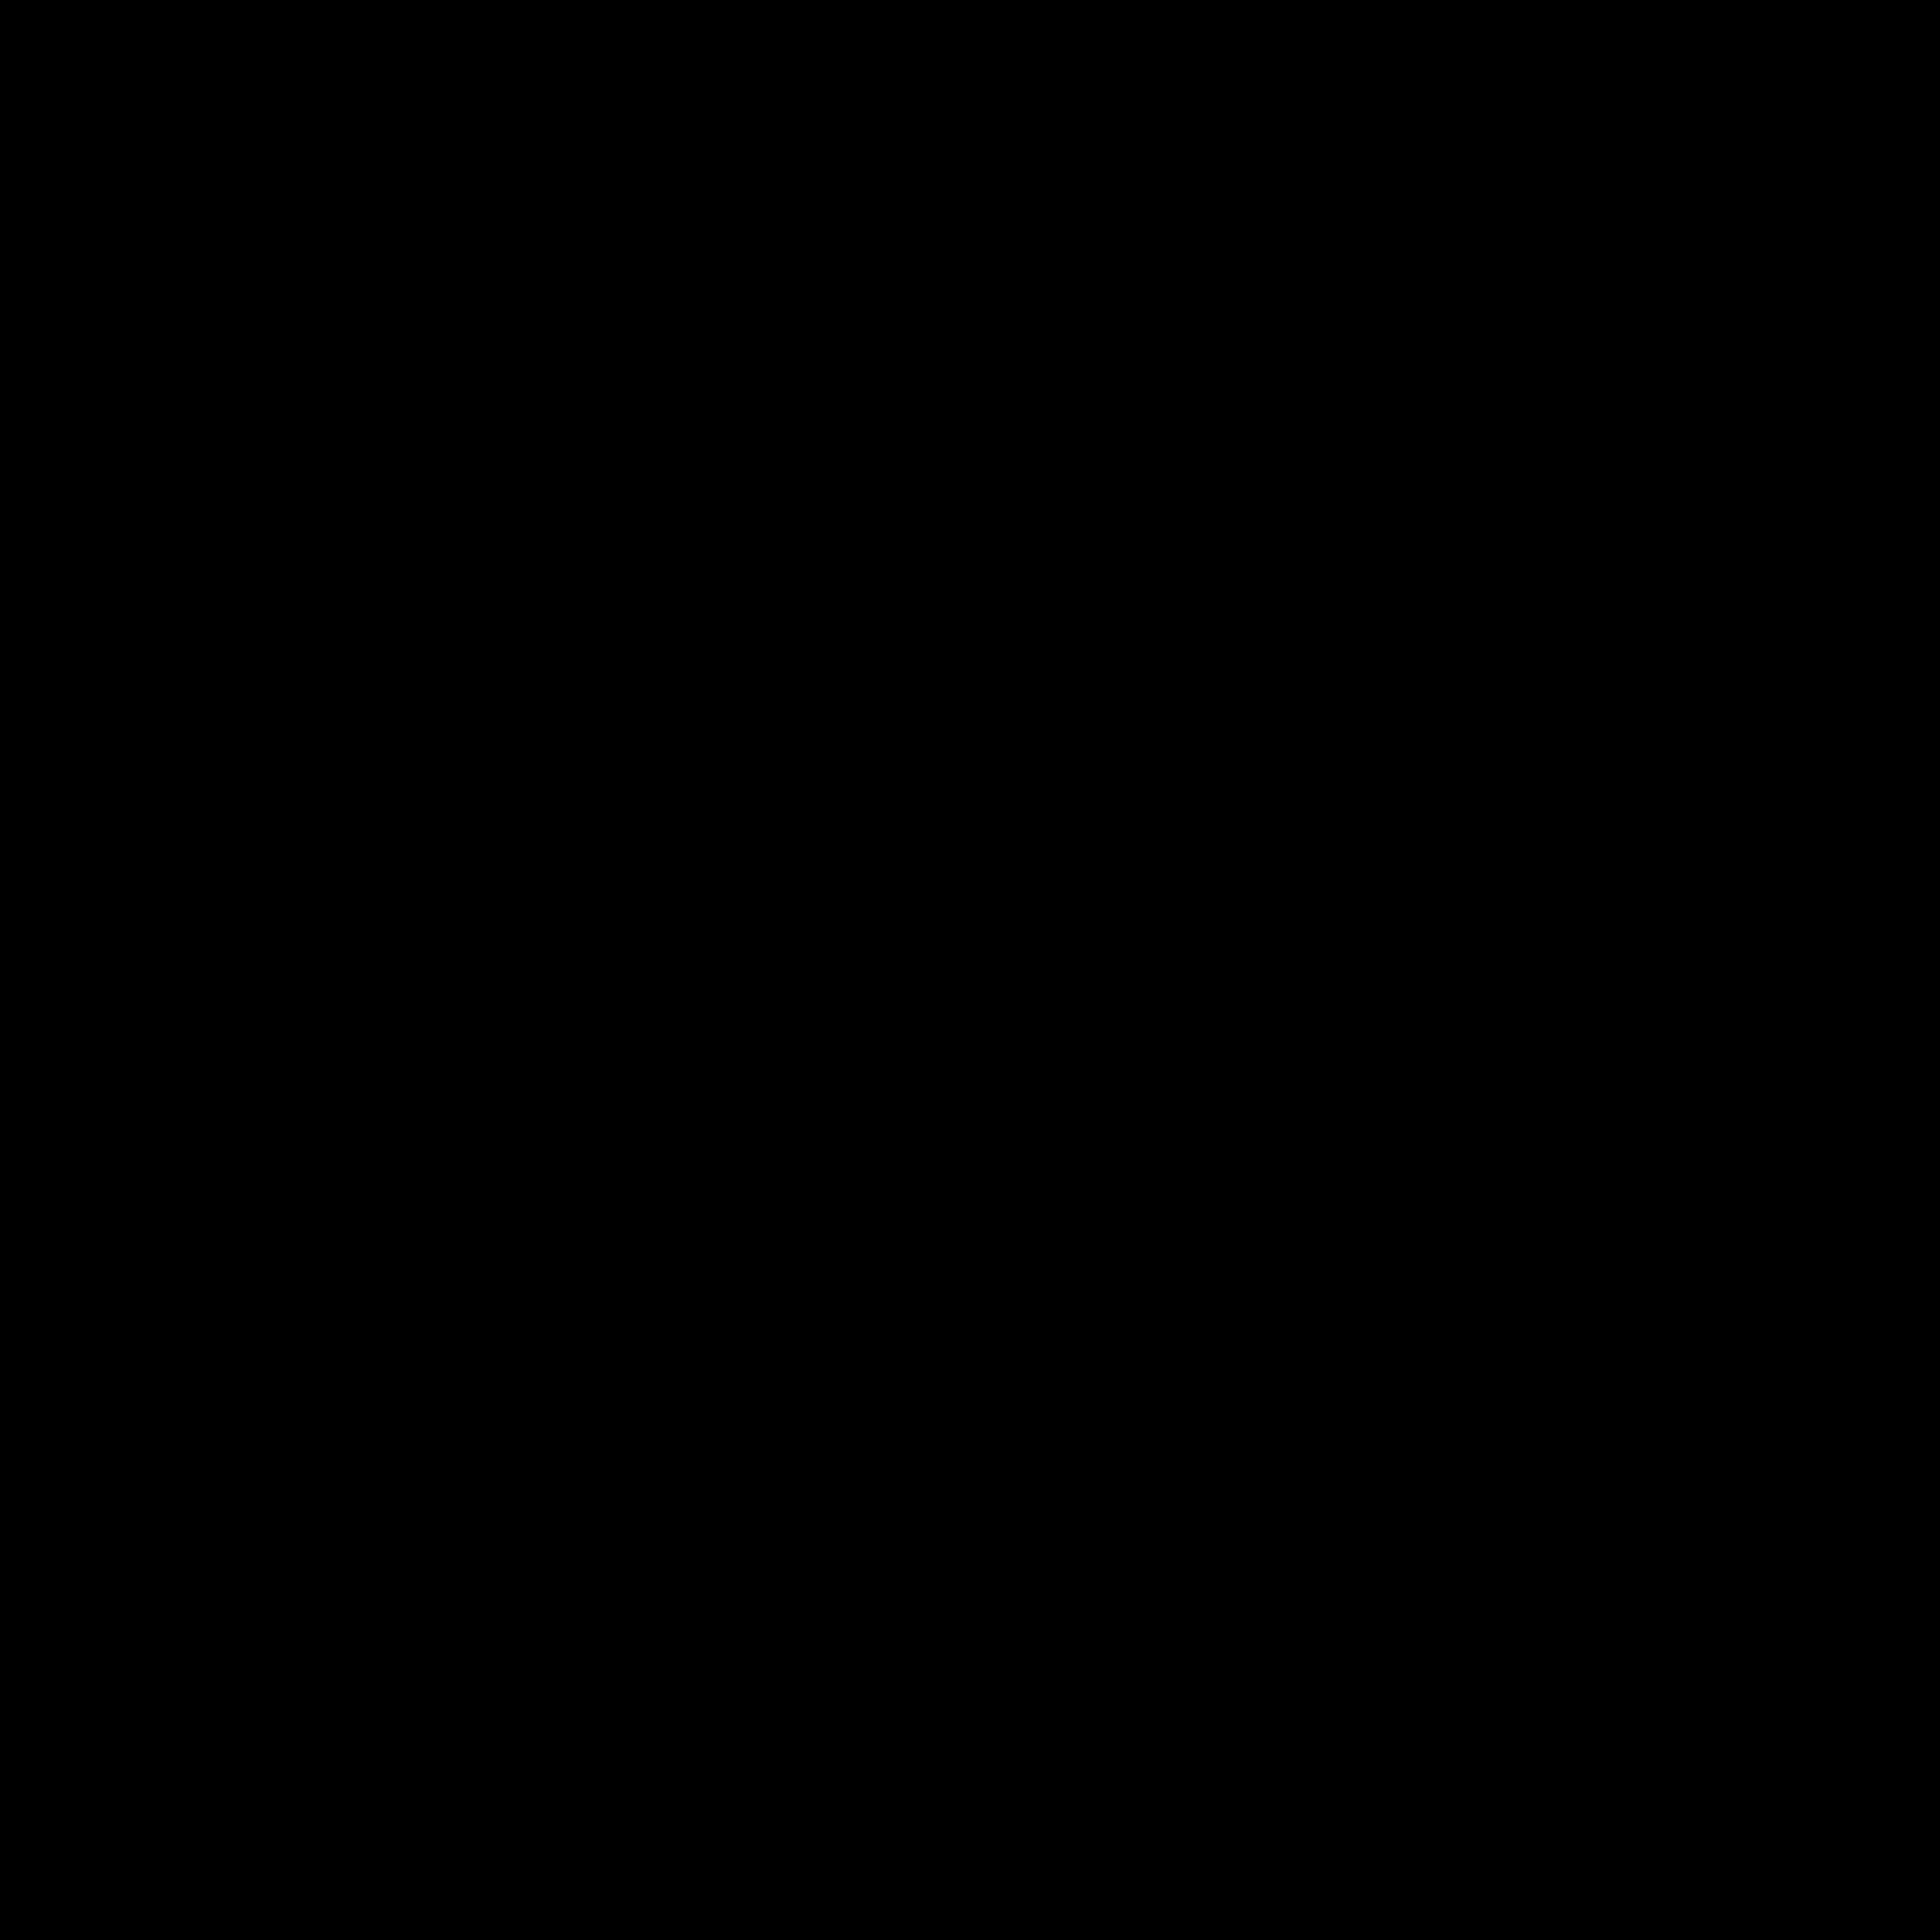 Un webcomic de XKCD, lisant `` Ce graphique montre les noms de couleurs dominantes sur les trois faces entièrement saturées du cube RVB (couleurs où l'une des valeurs RVB est zéro)